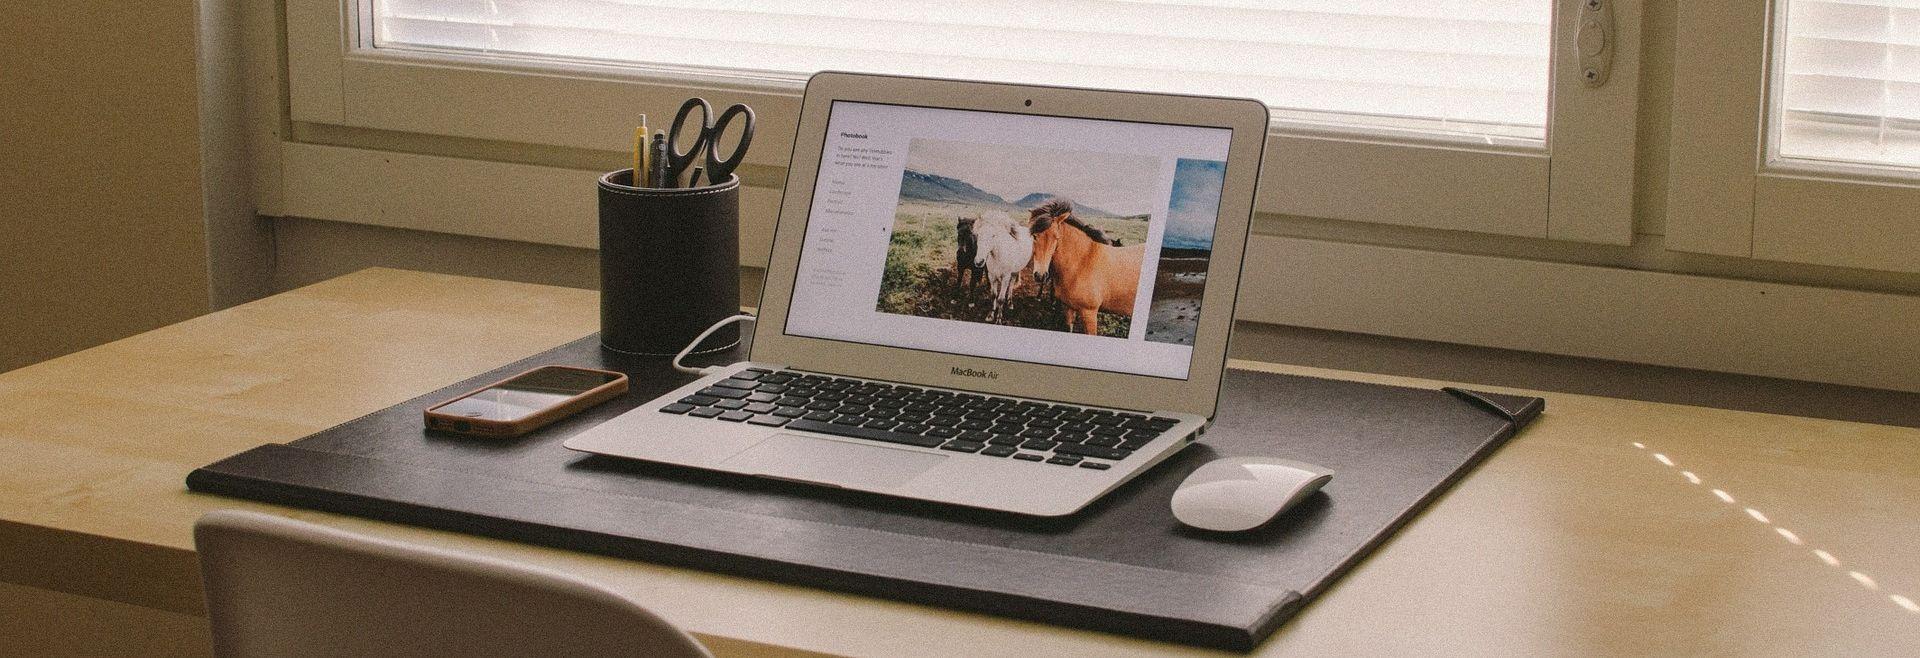 Beneficios-del-marketing-digital2